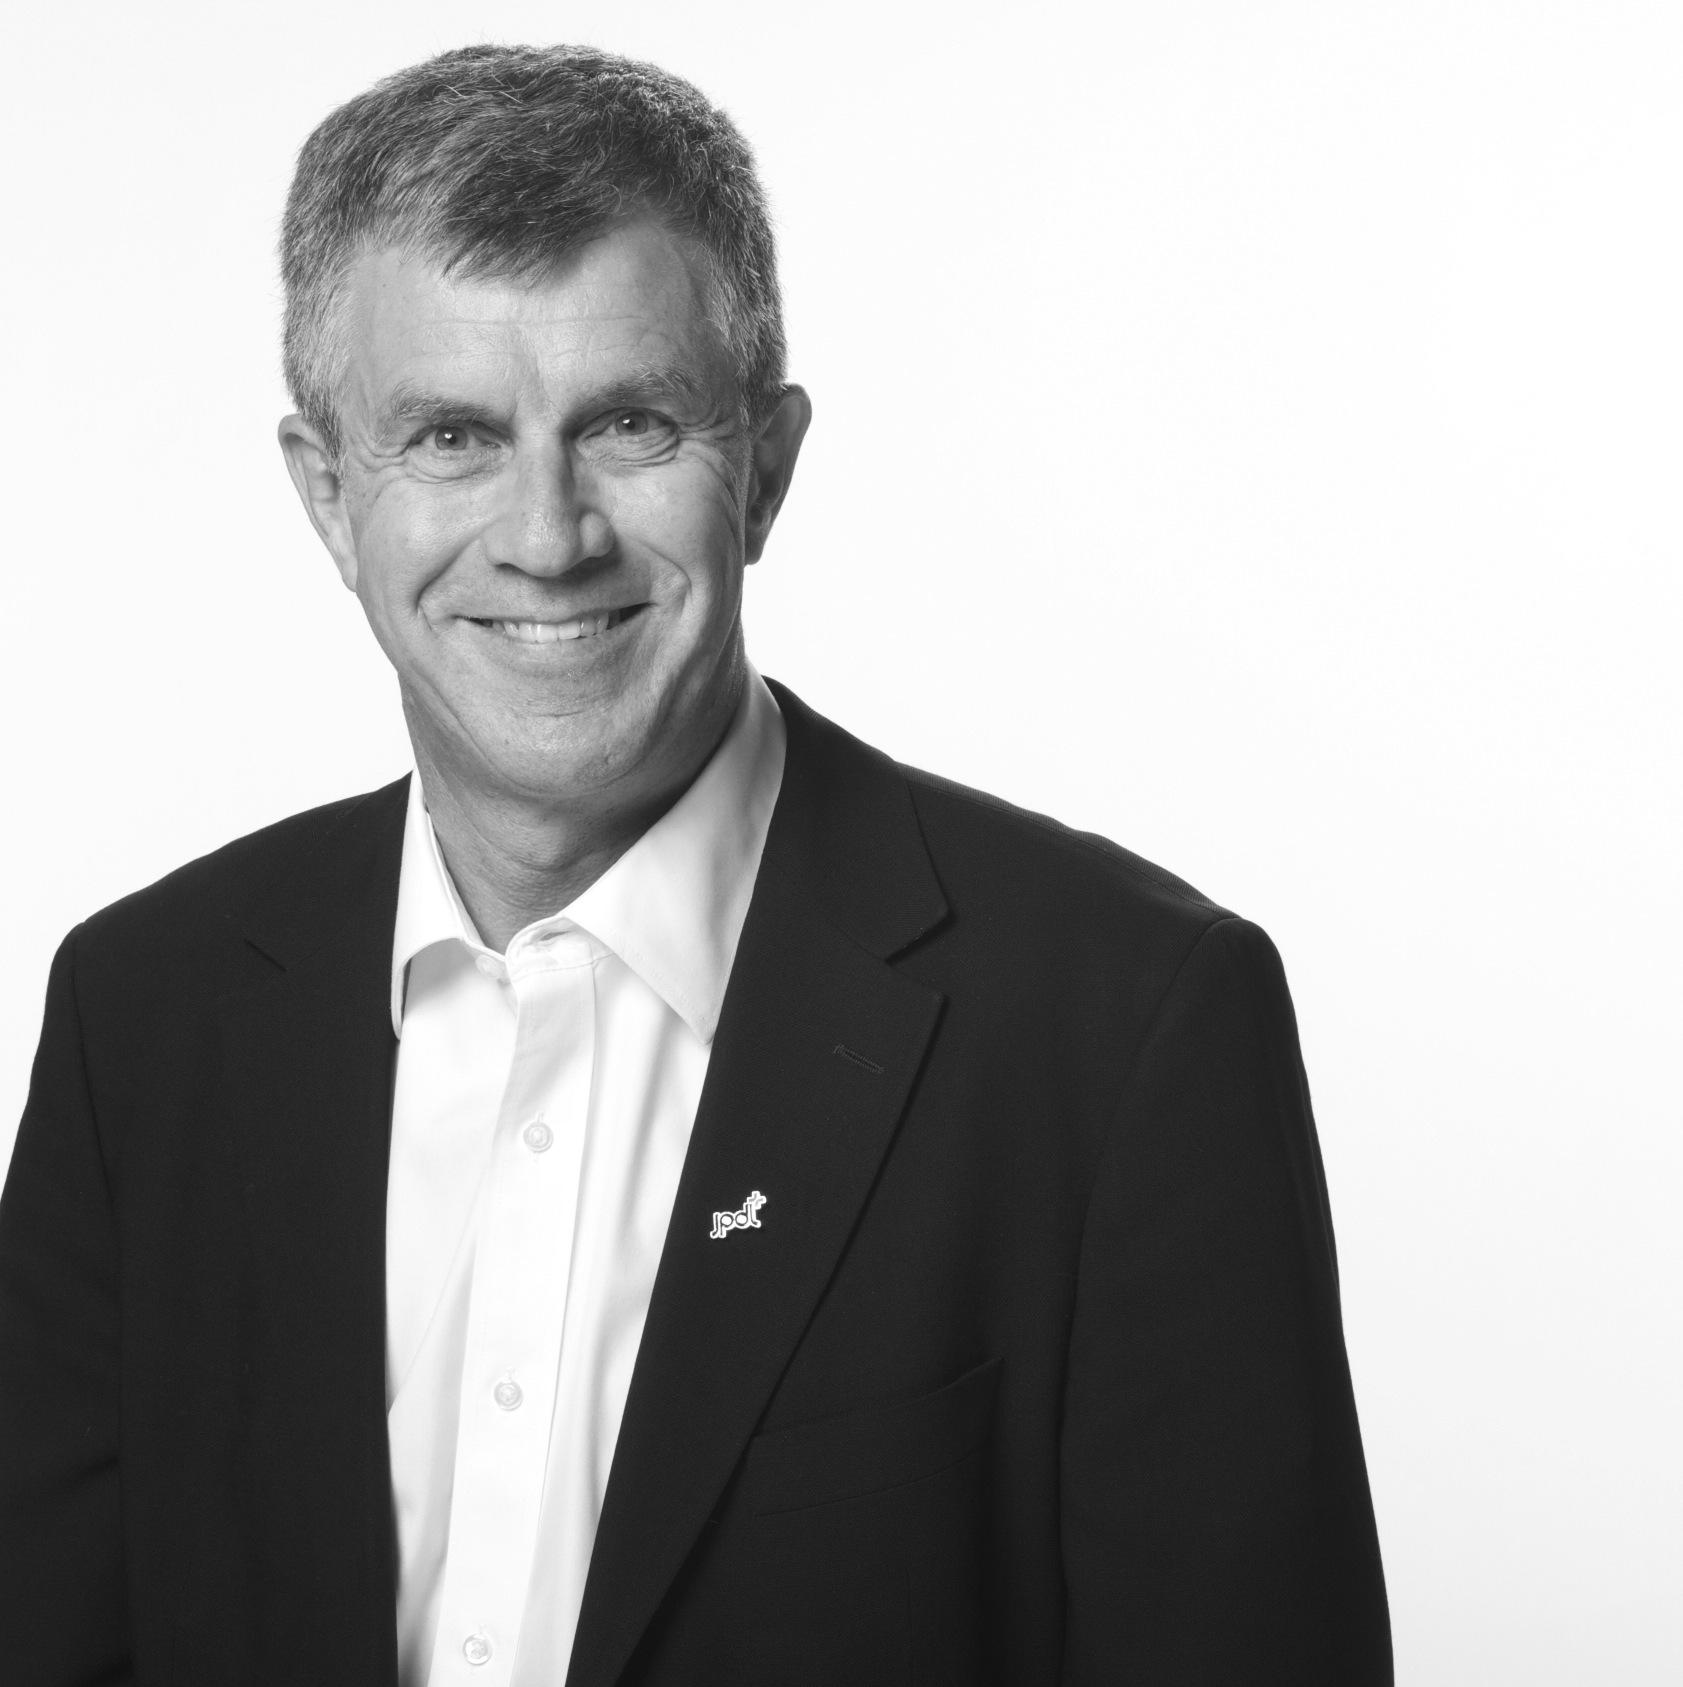 JEAN-PAUL DE LAVISON